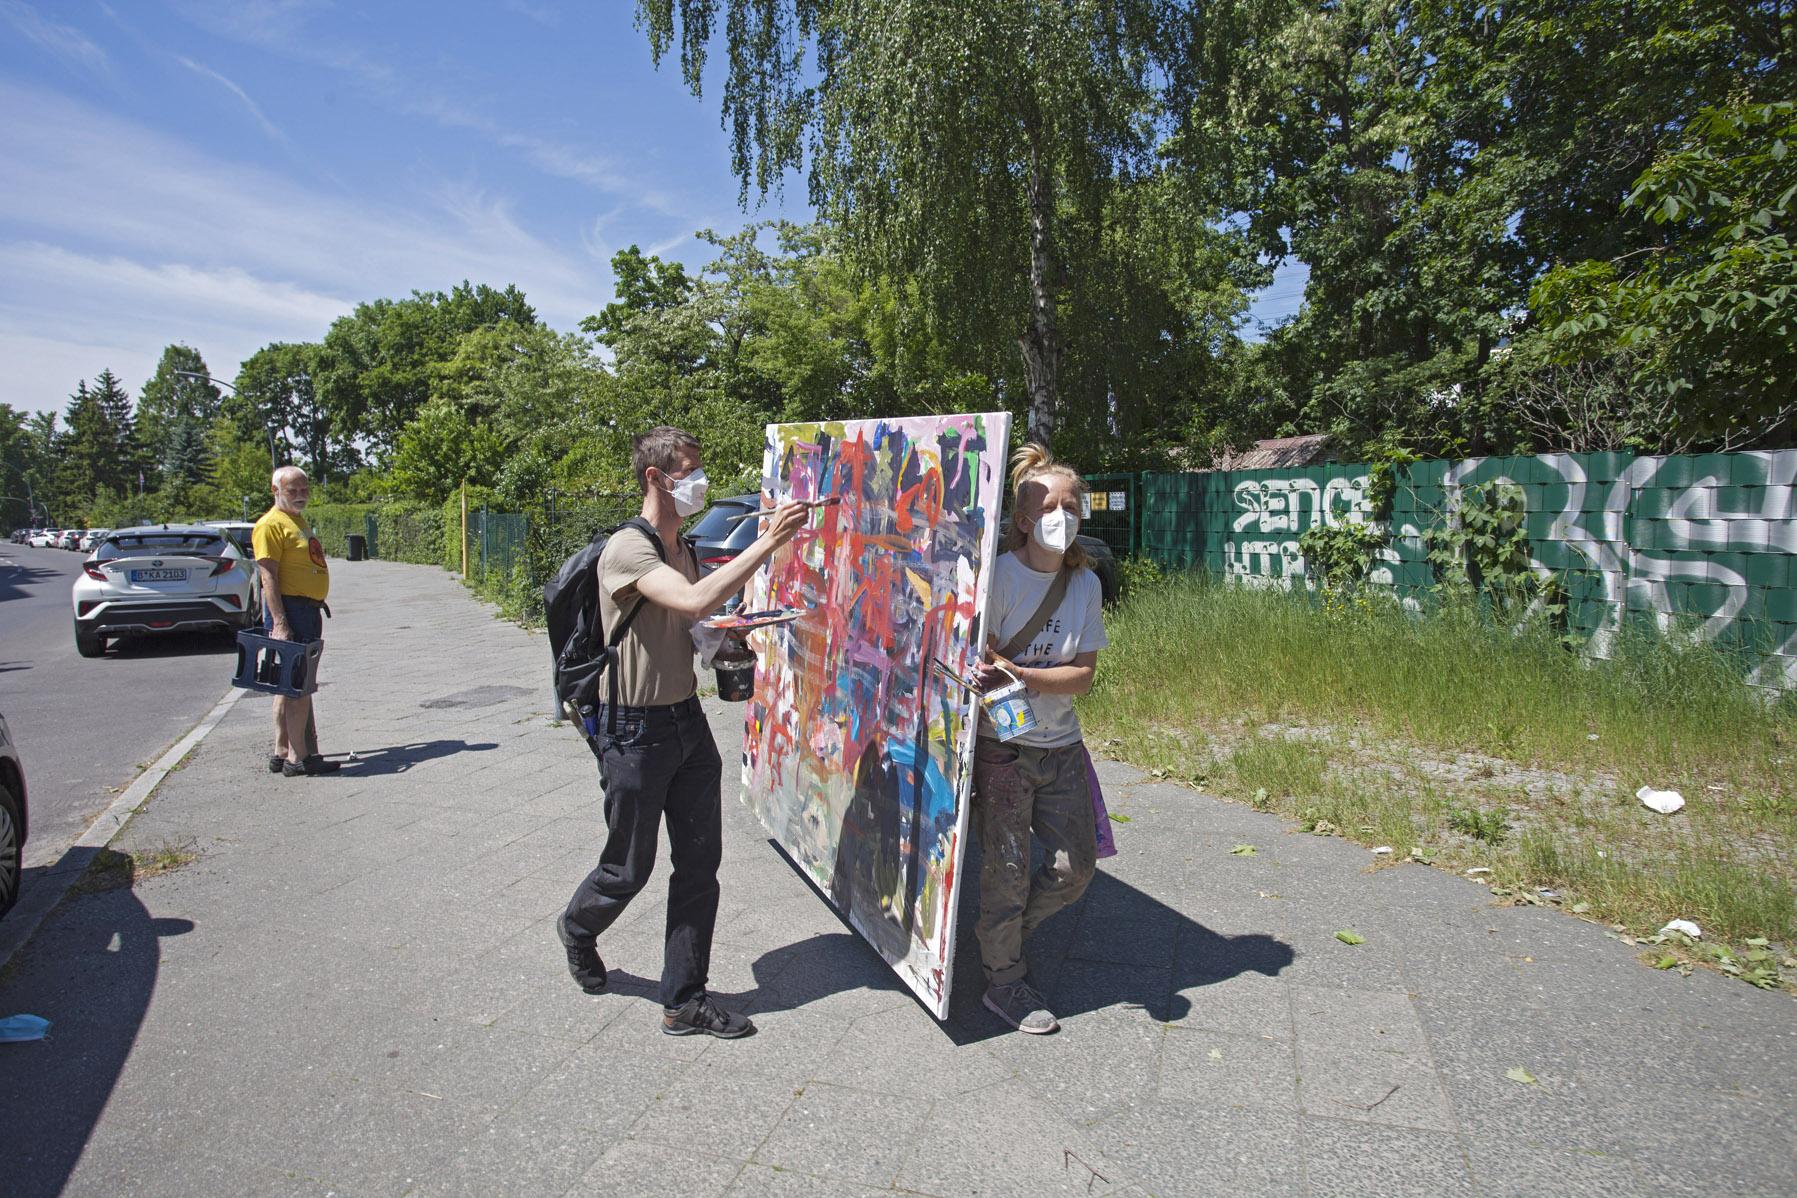 Walk am Do. den 03. Juni, von 10-14 Uhr: Charlottenburg Nord: Anna Freud Schule, Halemweg Kindertagesstätte, Olbersstraße 15 (2,7km)